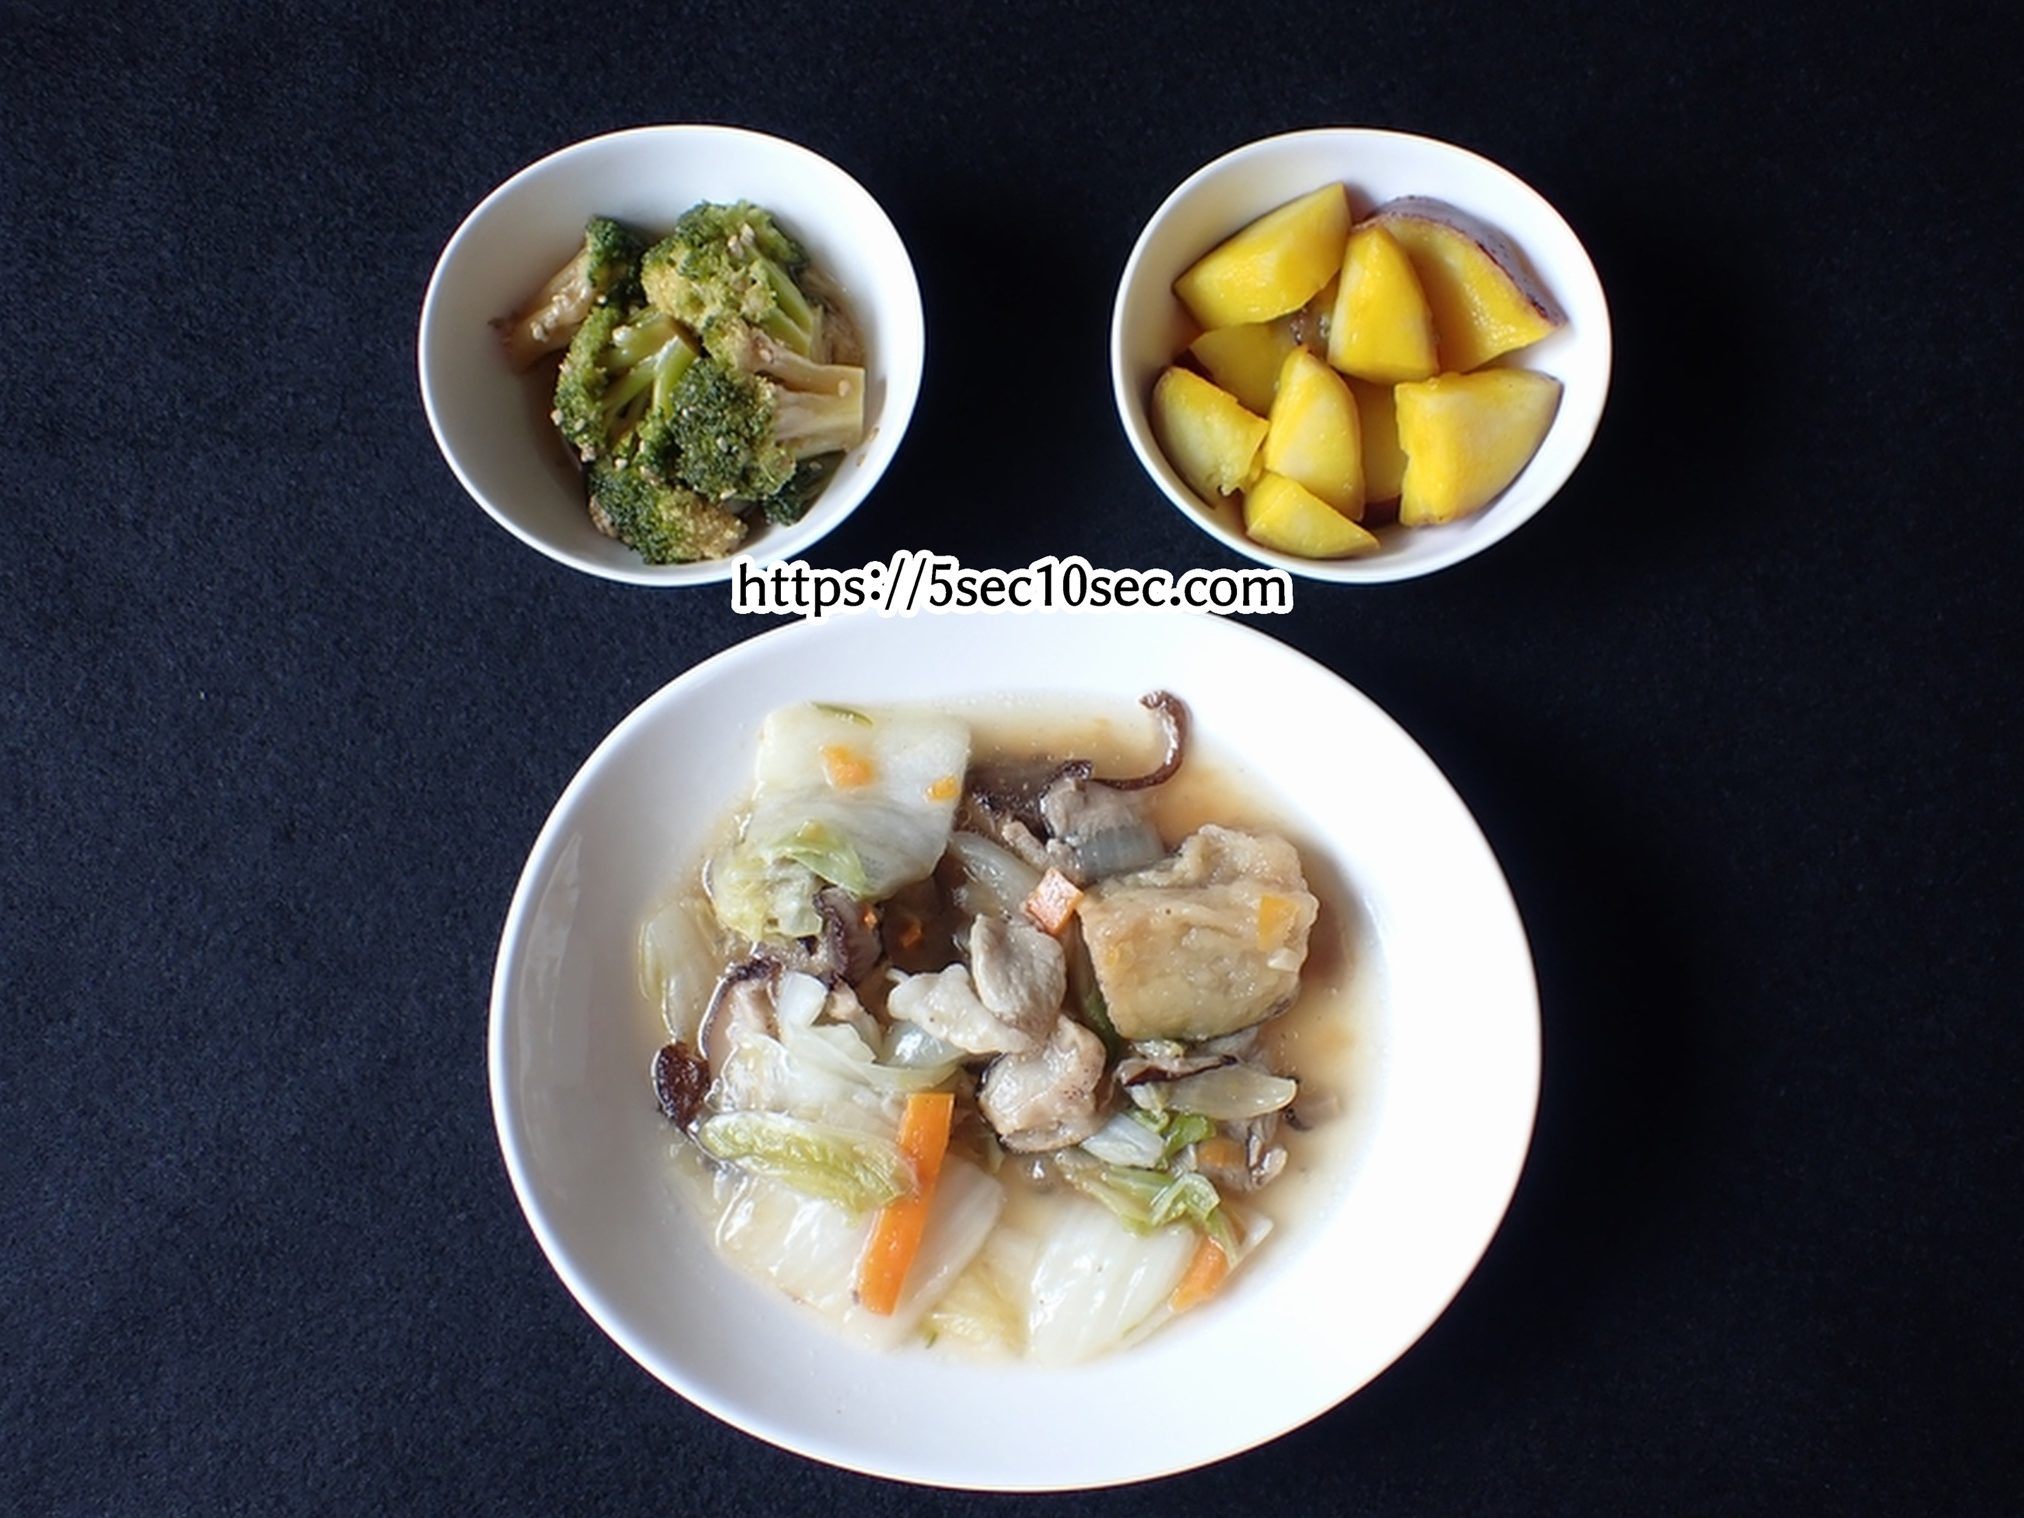 わんまいる 健幸ディナー 大阪泉州産 水茄子入り八宝菜セット 解凍後に盛りつけた写真